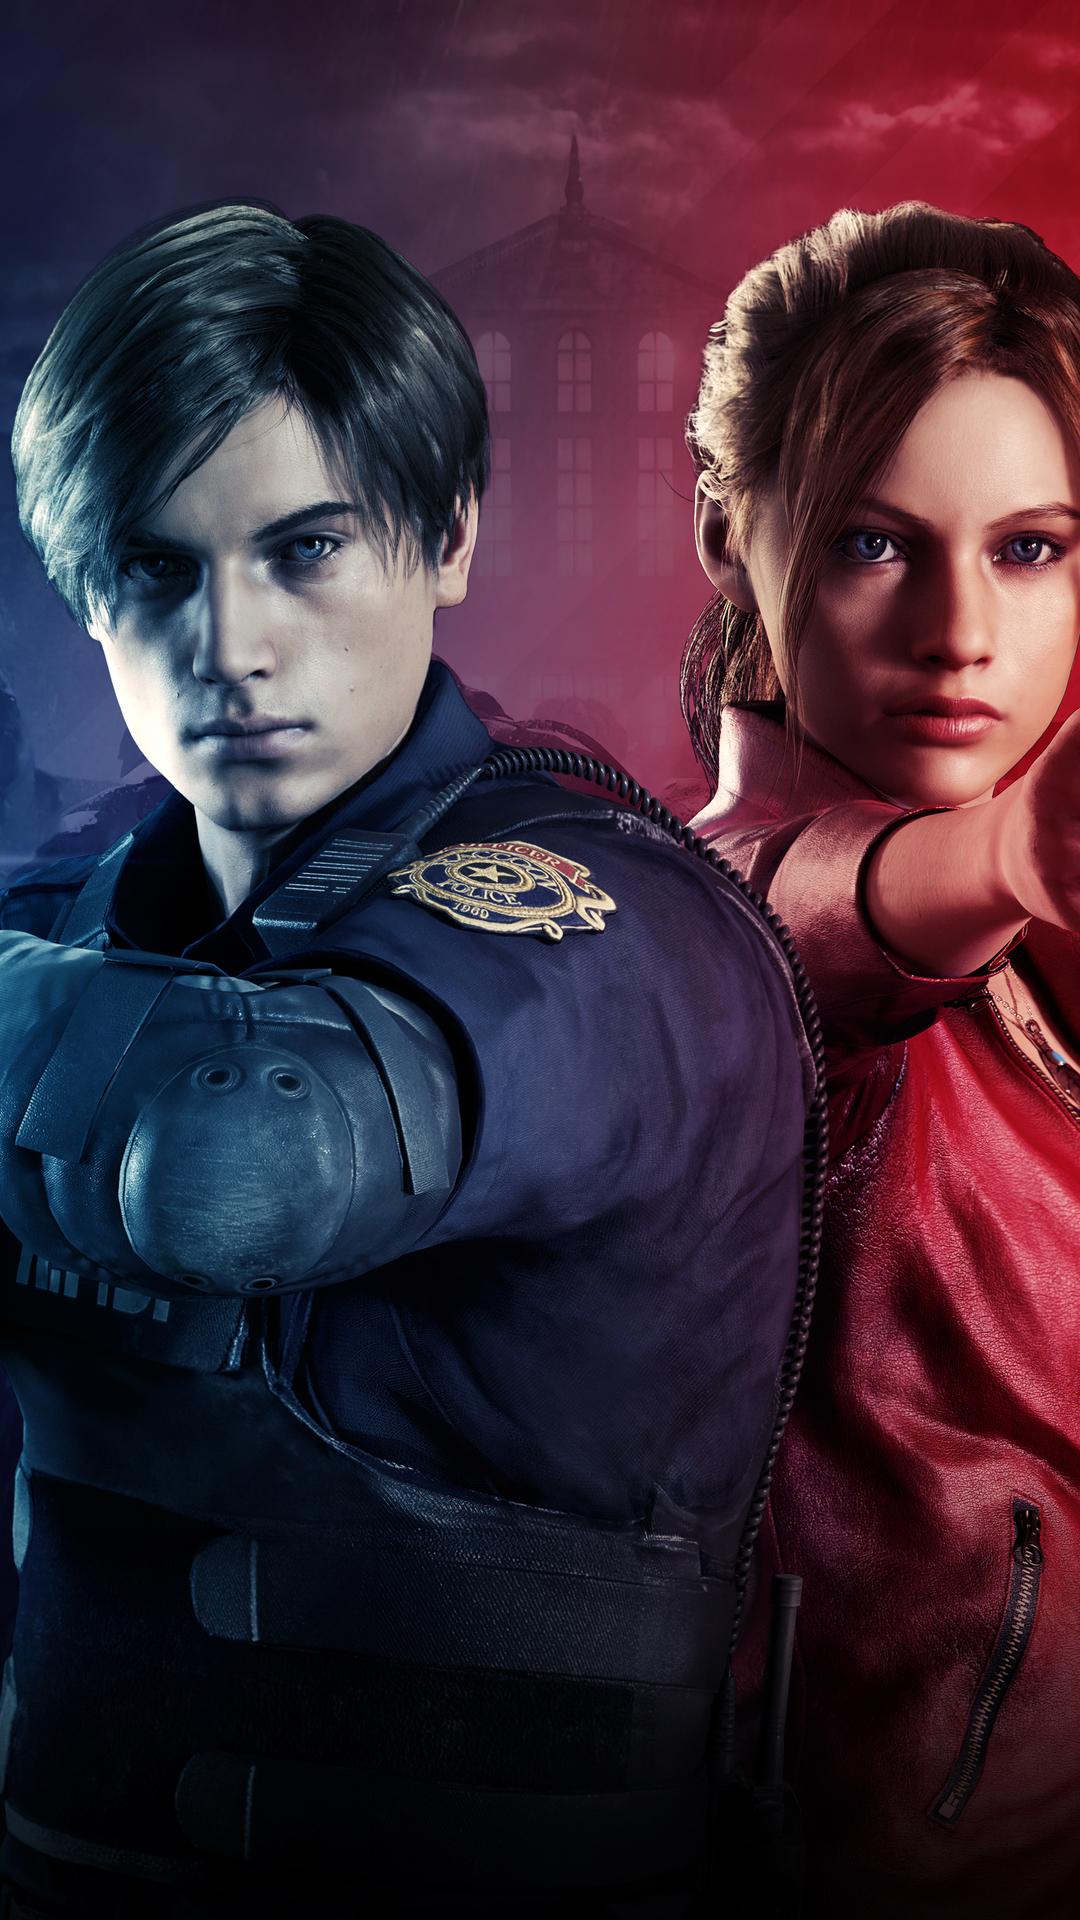 Claire Redfield Leon Resident Evil 2 Wallpaper Resident Evil